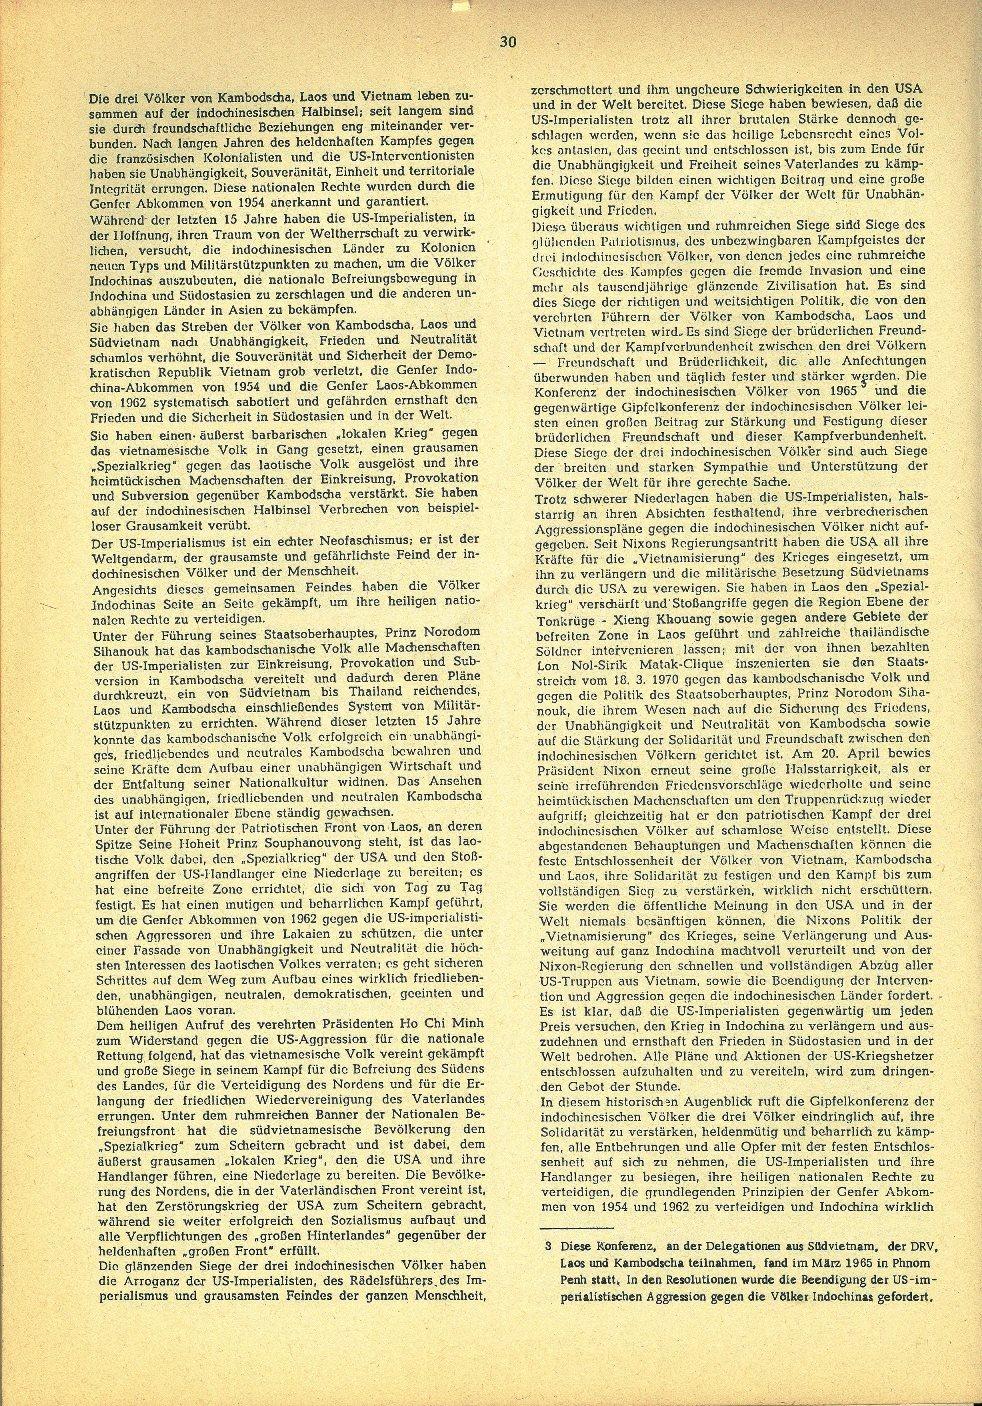 Kambodscha_1974_Das_Volk_besiegt_den_Imperialismus031